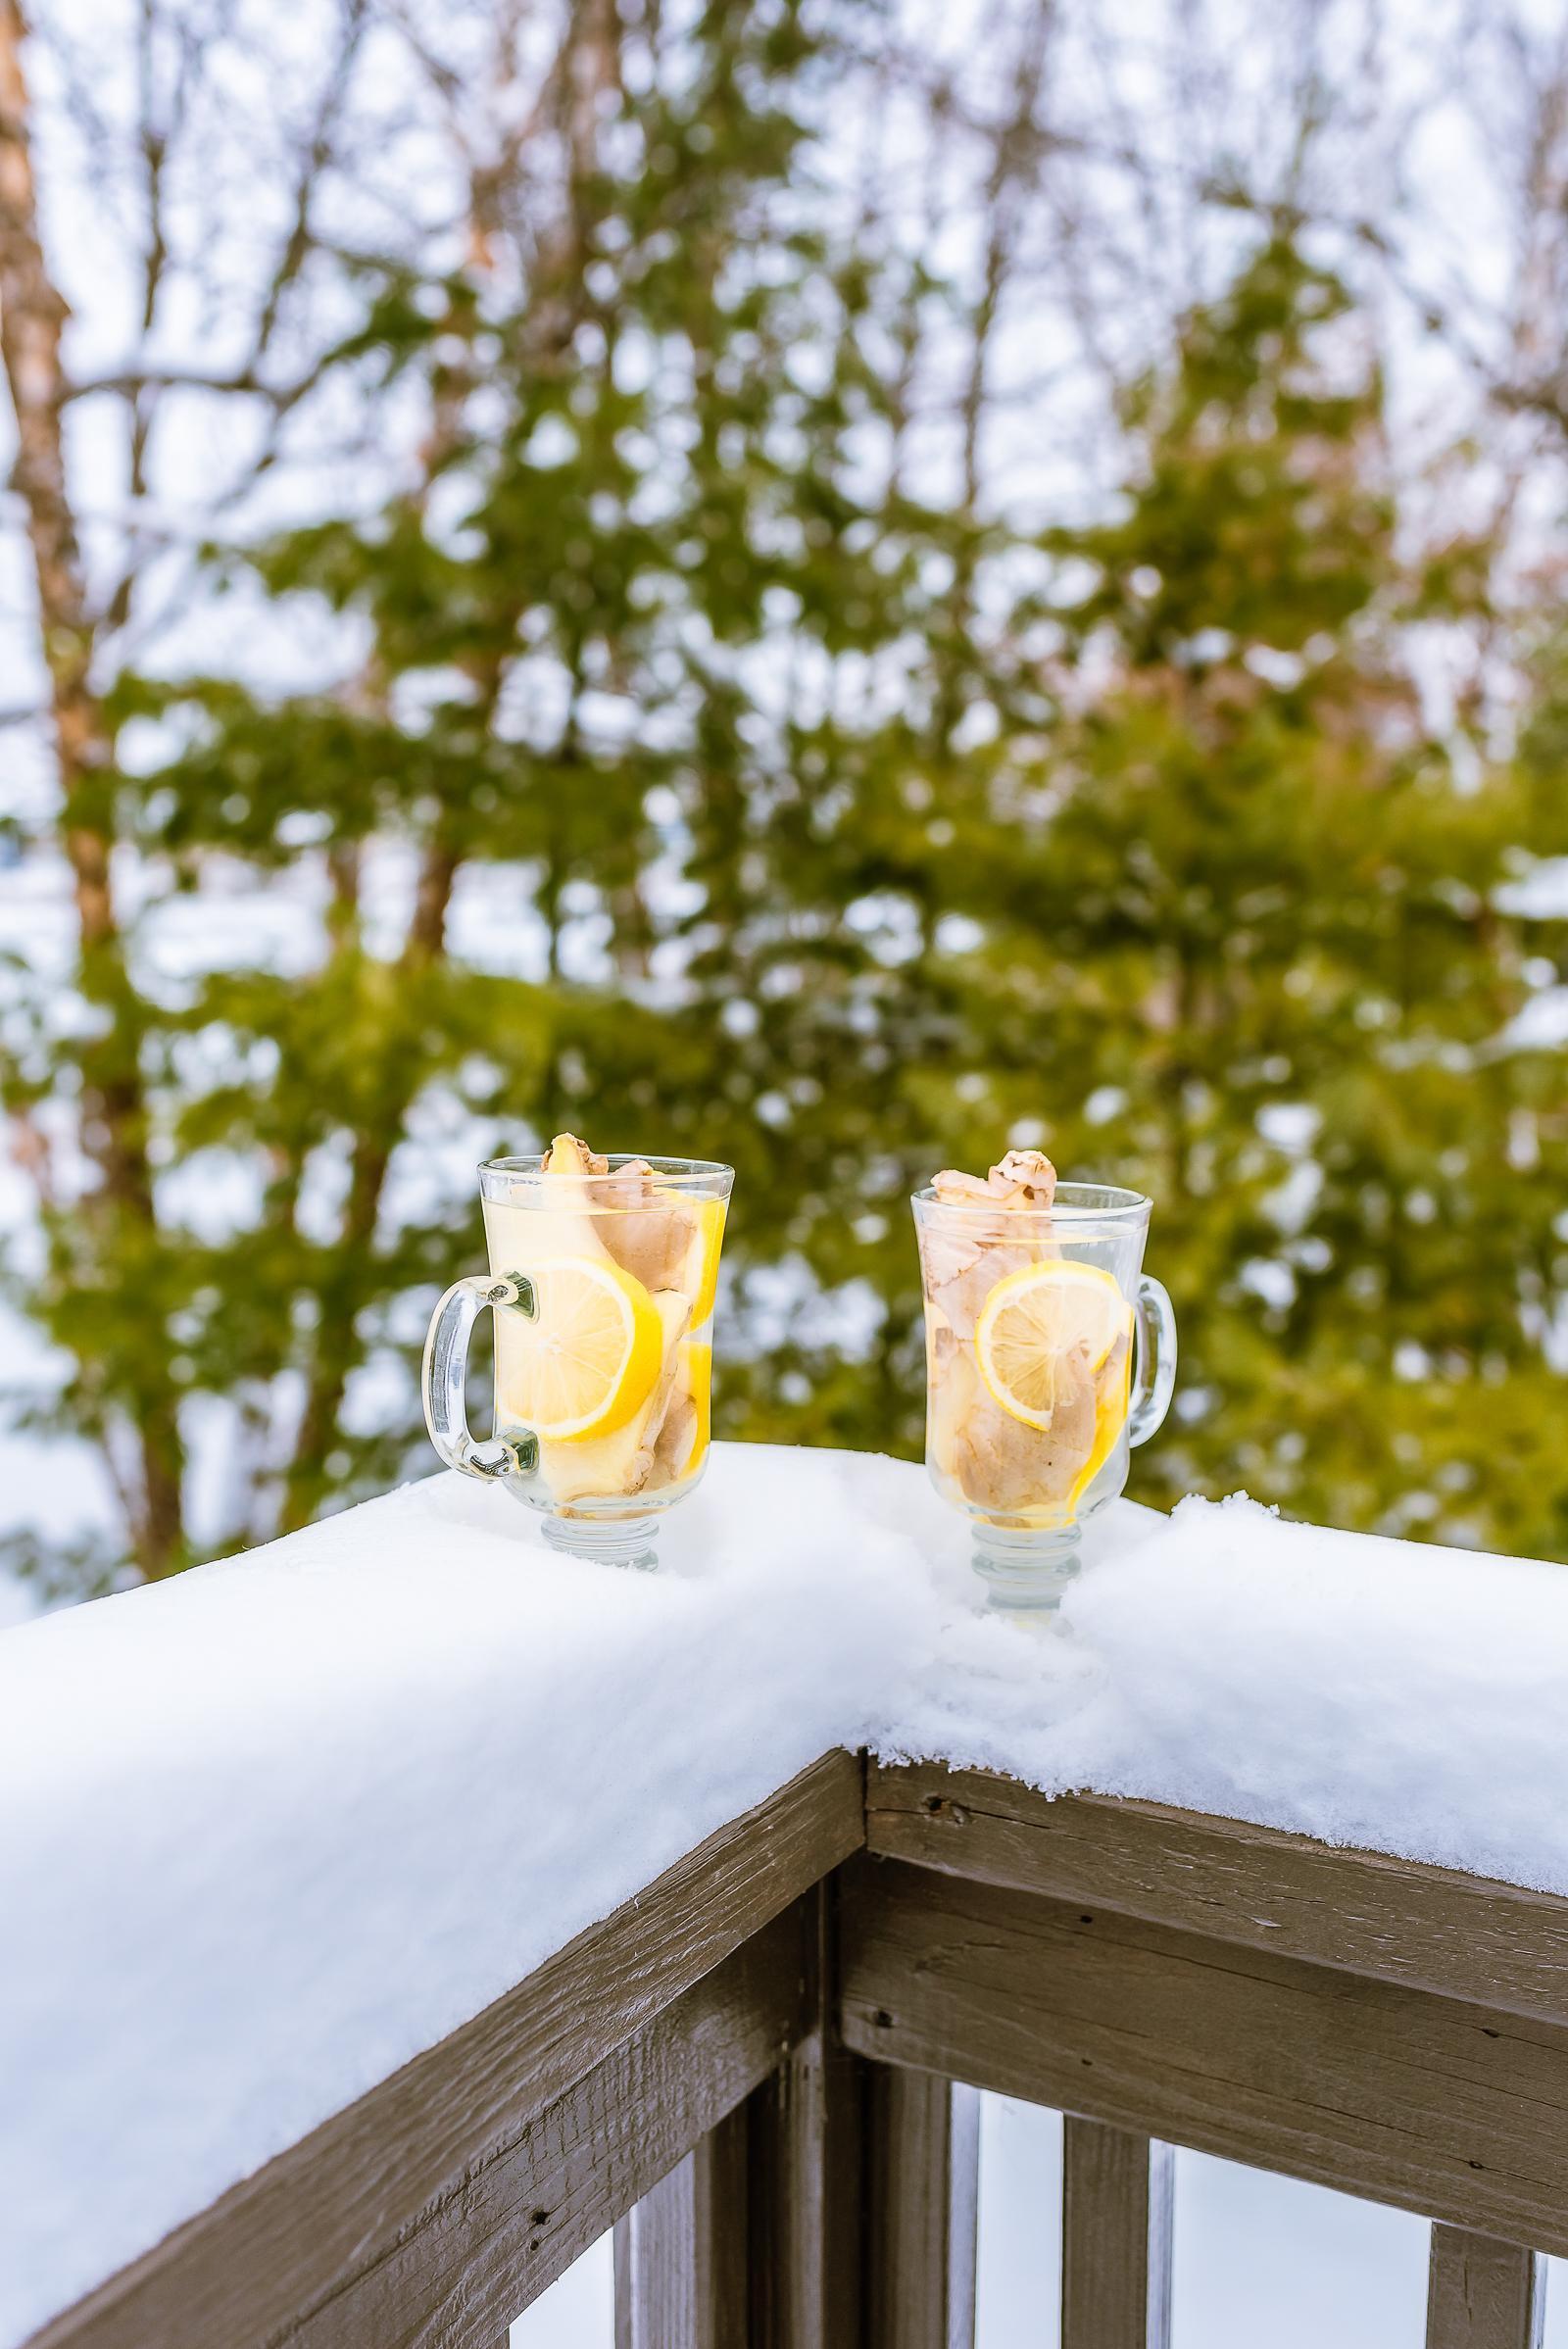 Lemon Ginger Winter Tonic Recipe